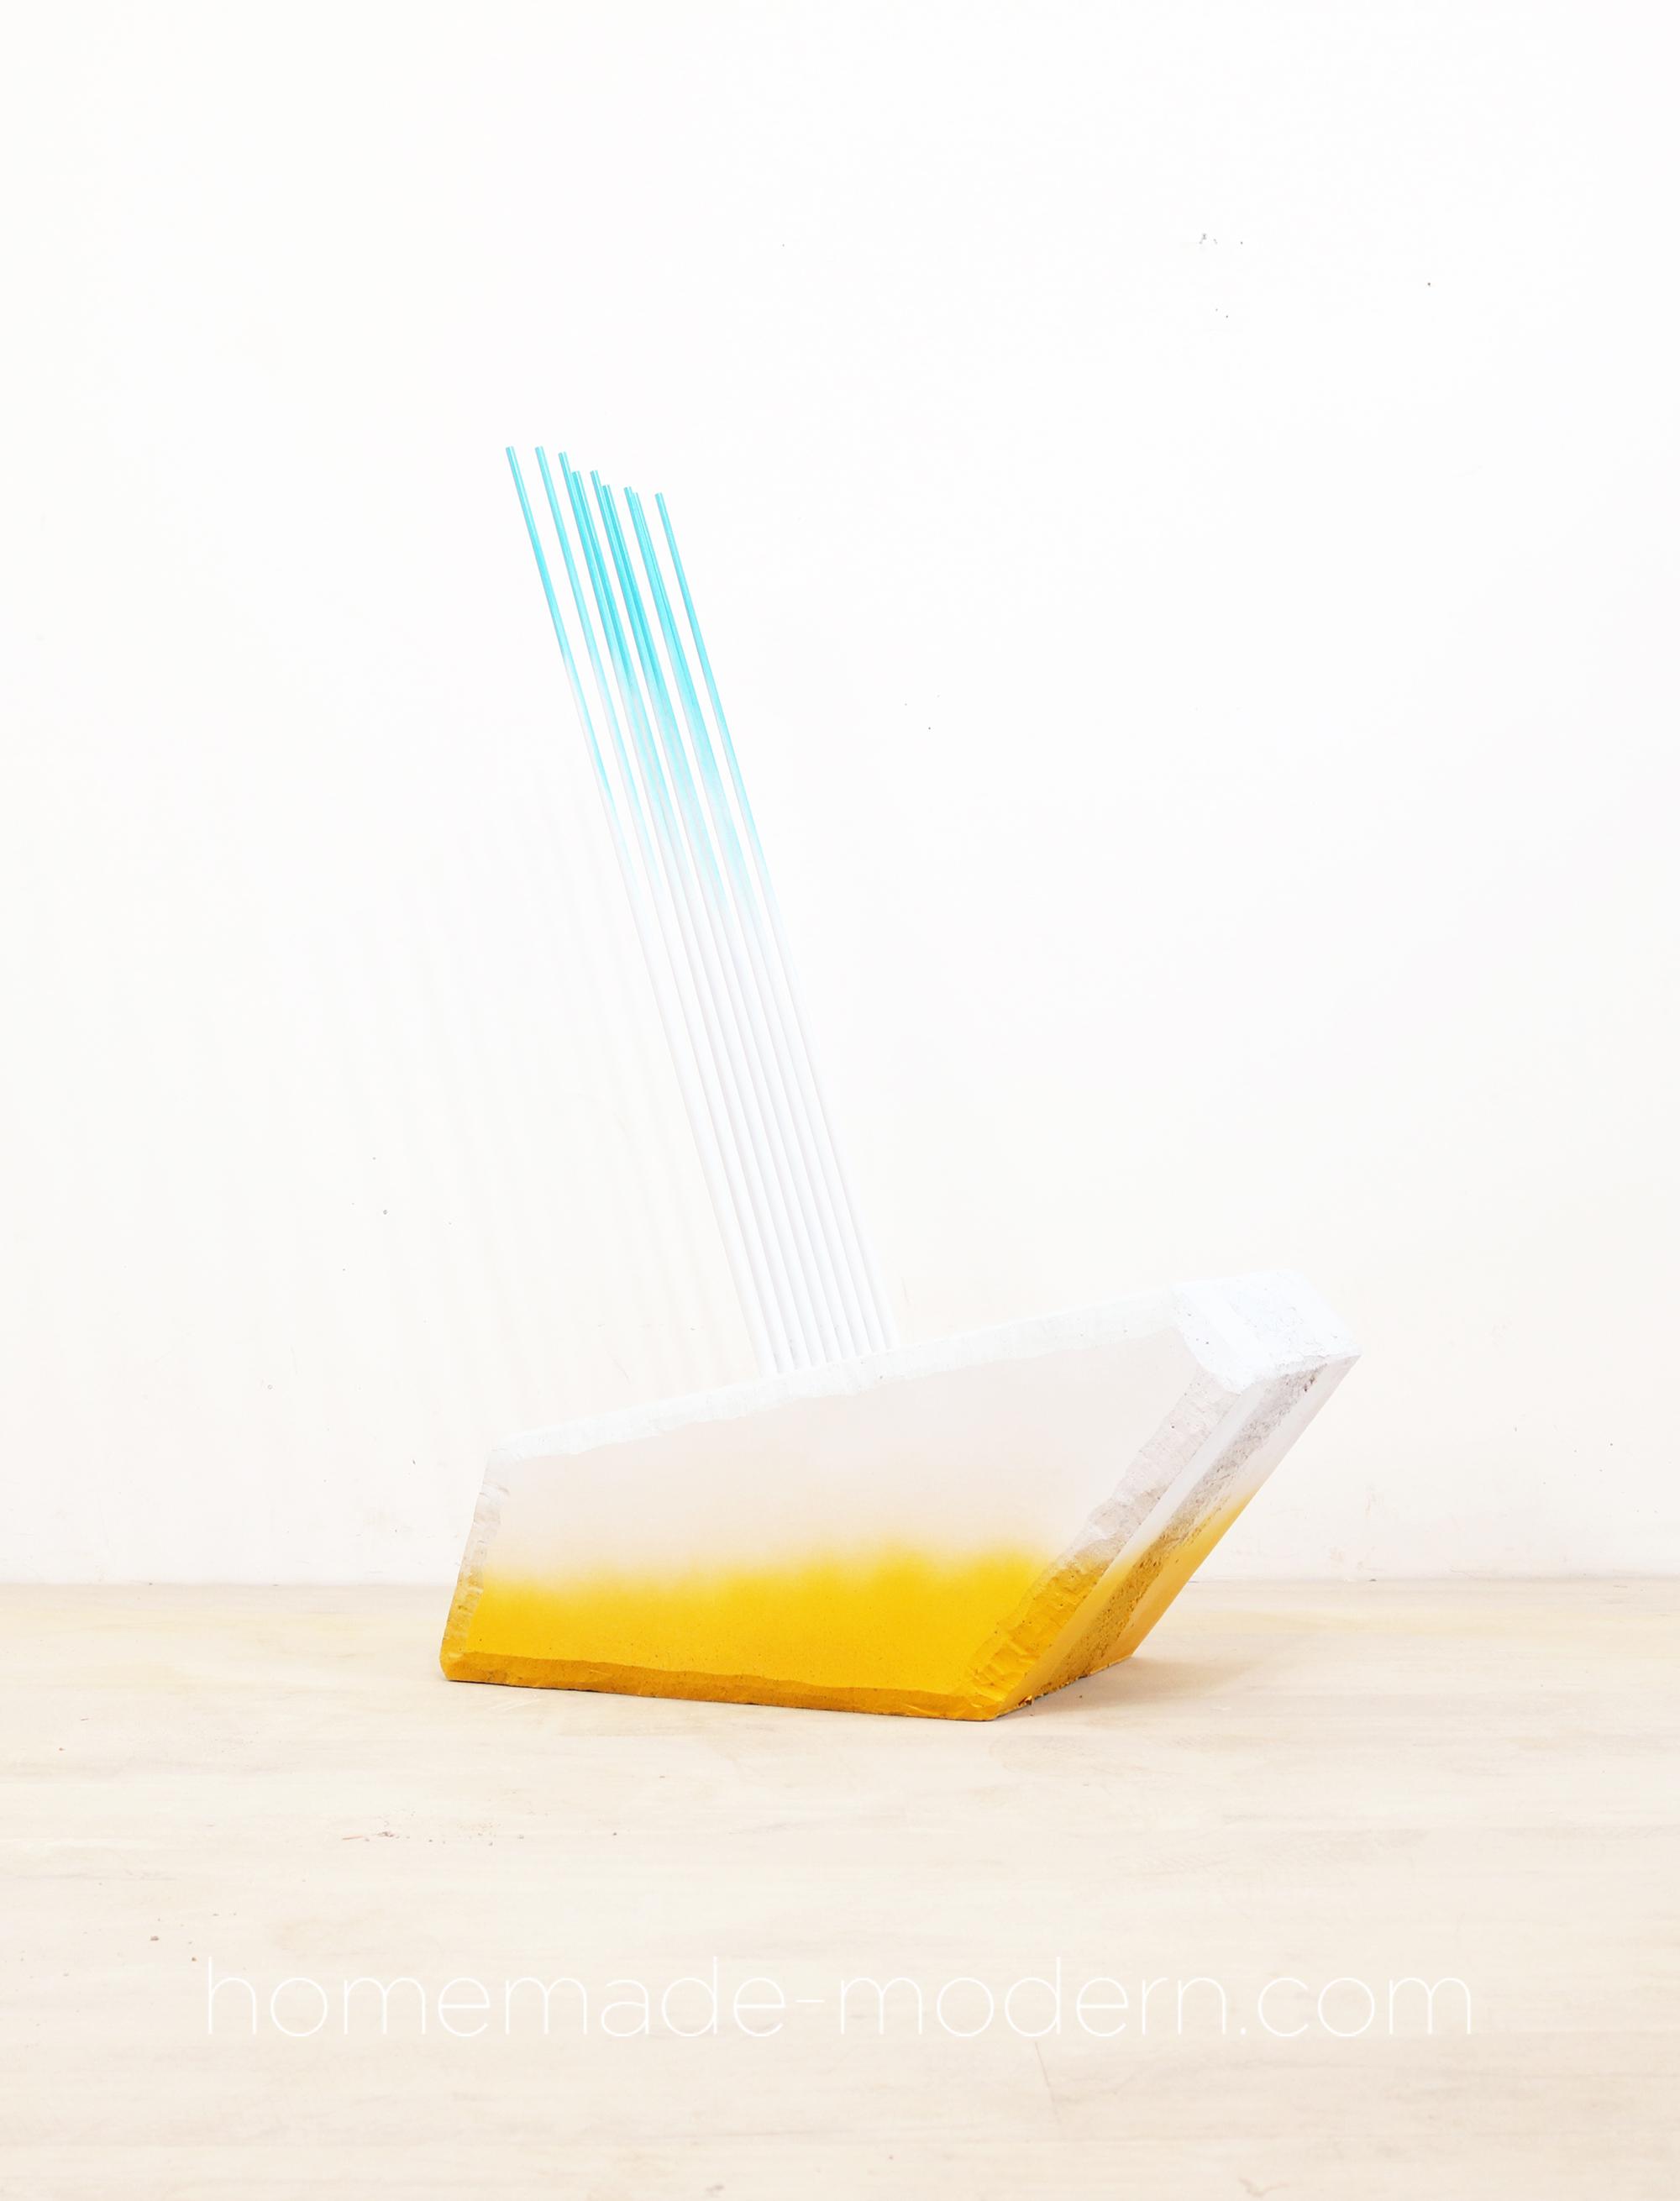 http://www.homemade-modern.com/wp-content/uploads/2019/12/diyccfc-final001.jpg